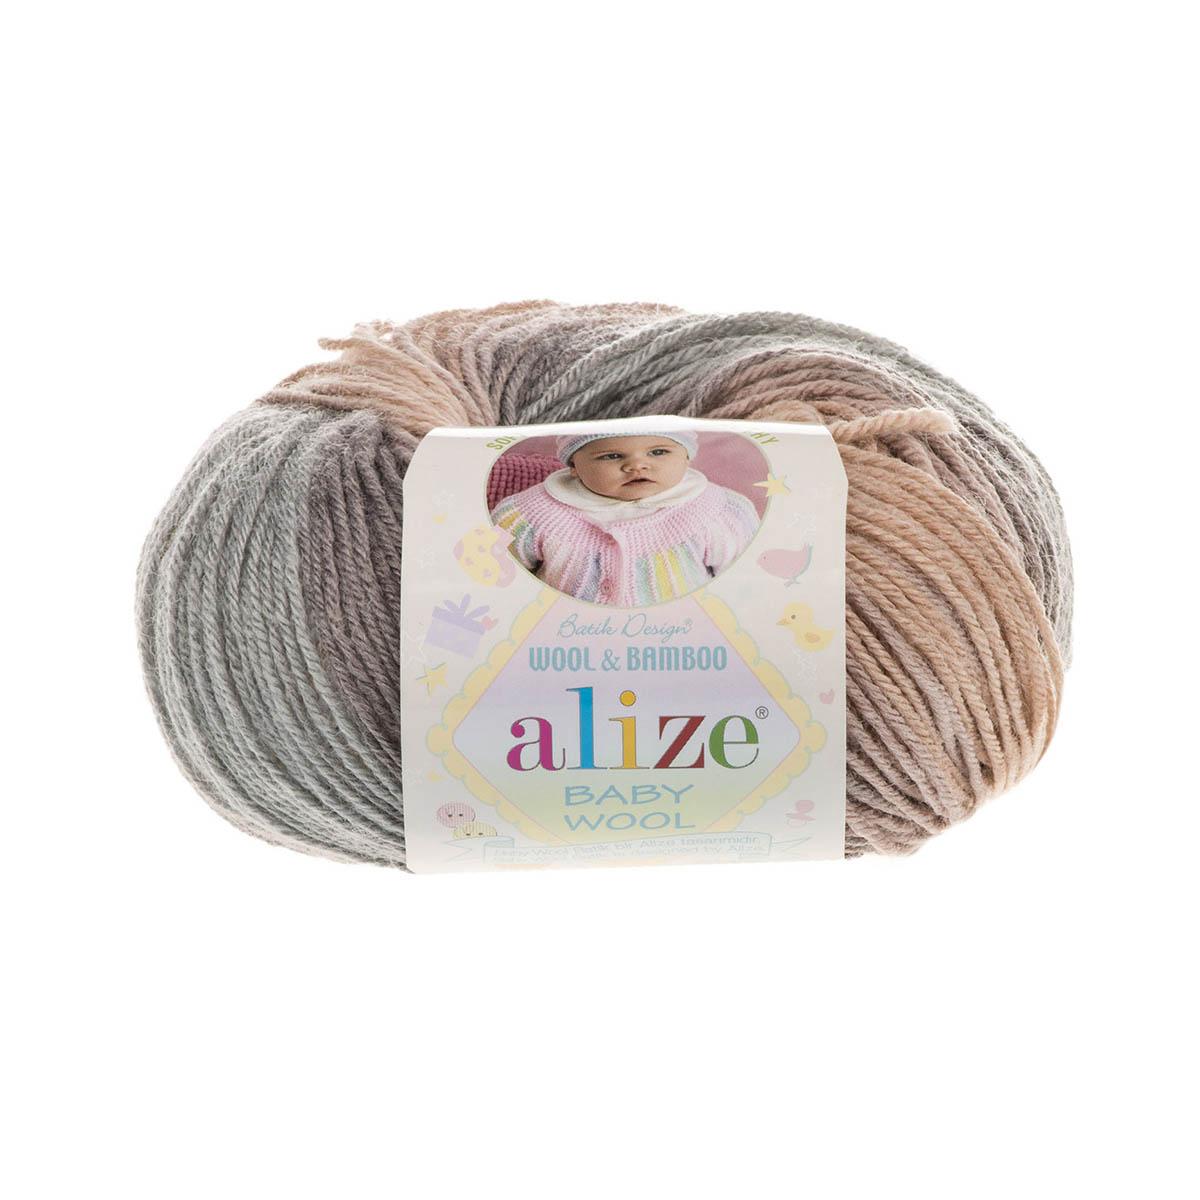 Пряжа ALIZE 'Baby wool batik' 50гр. 175м (20%бамбук, 40%шерсть, 40%акрил) (4726 секционный) фото